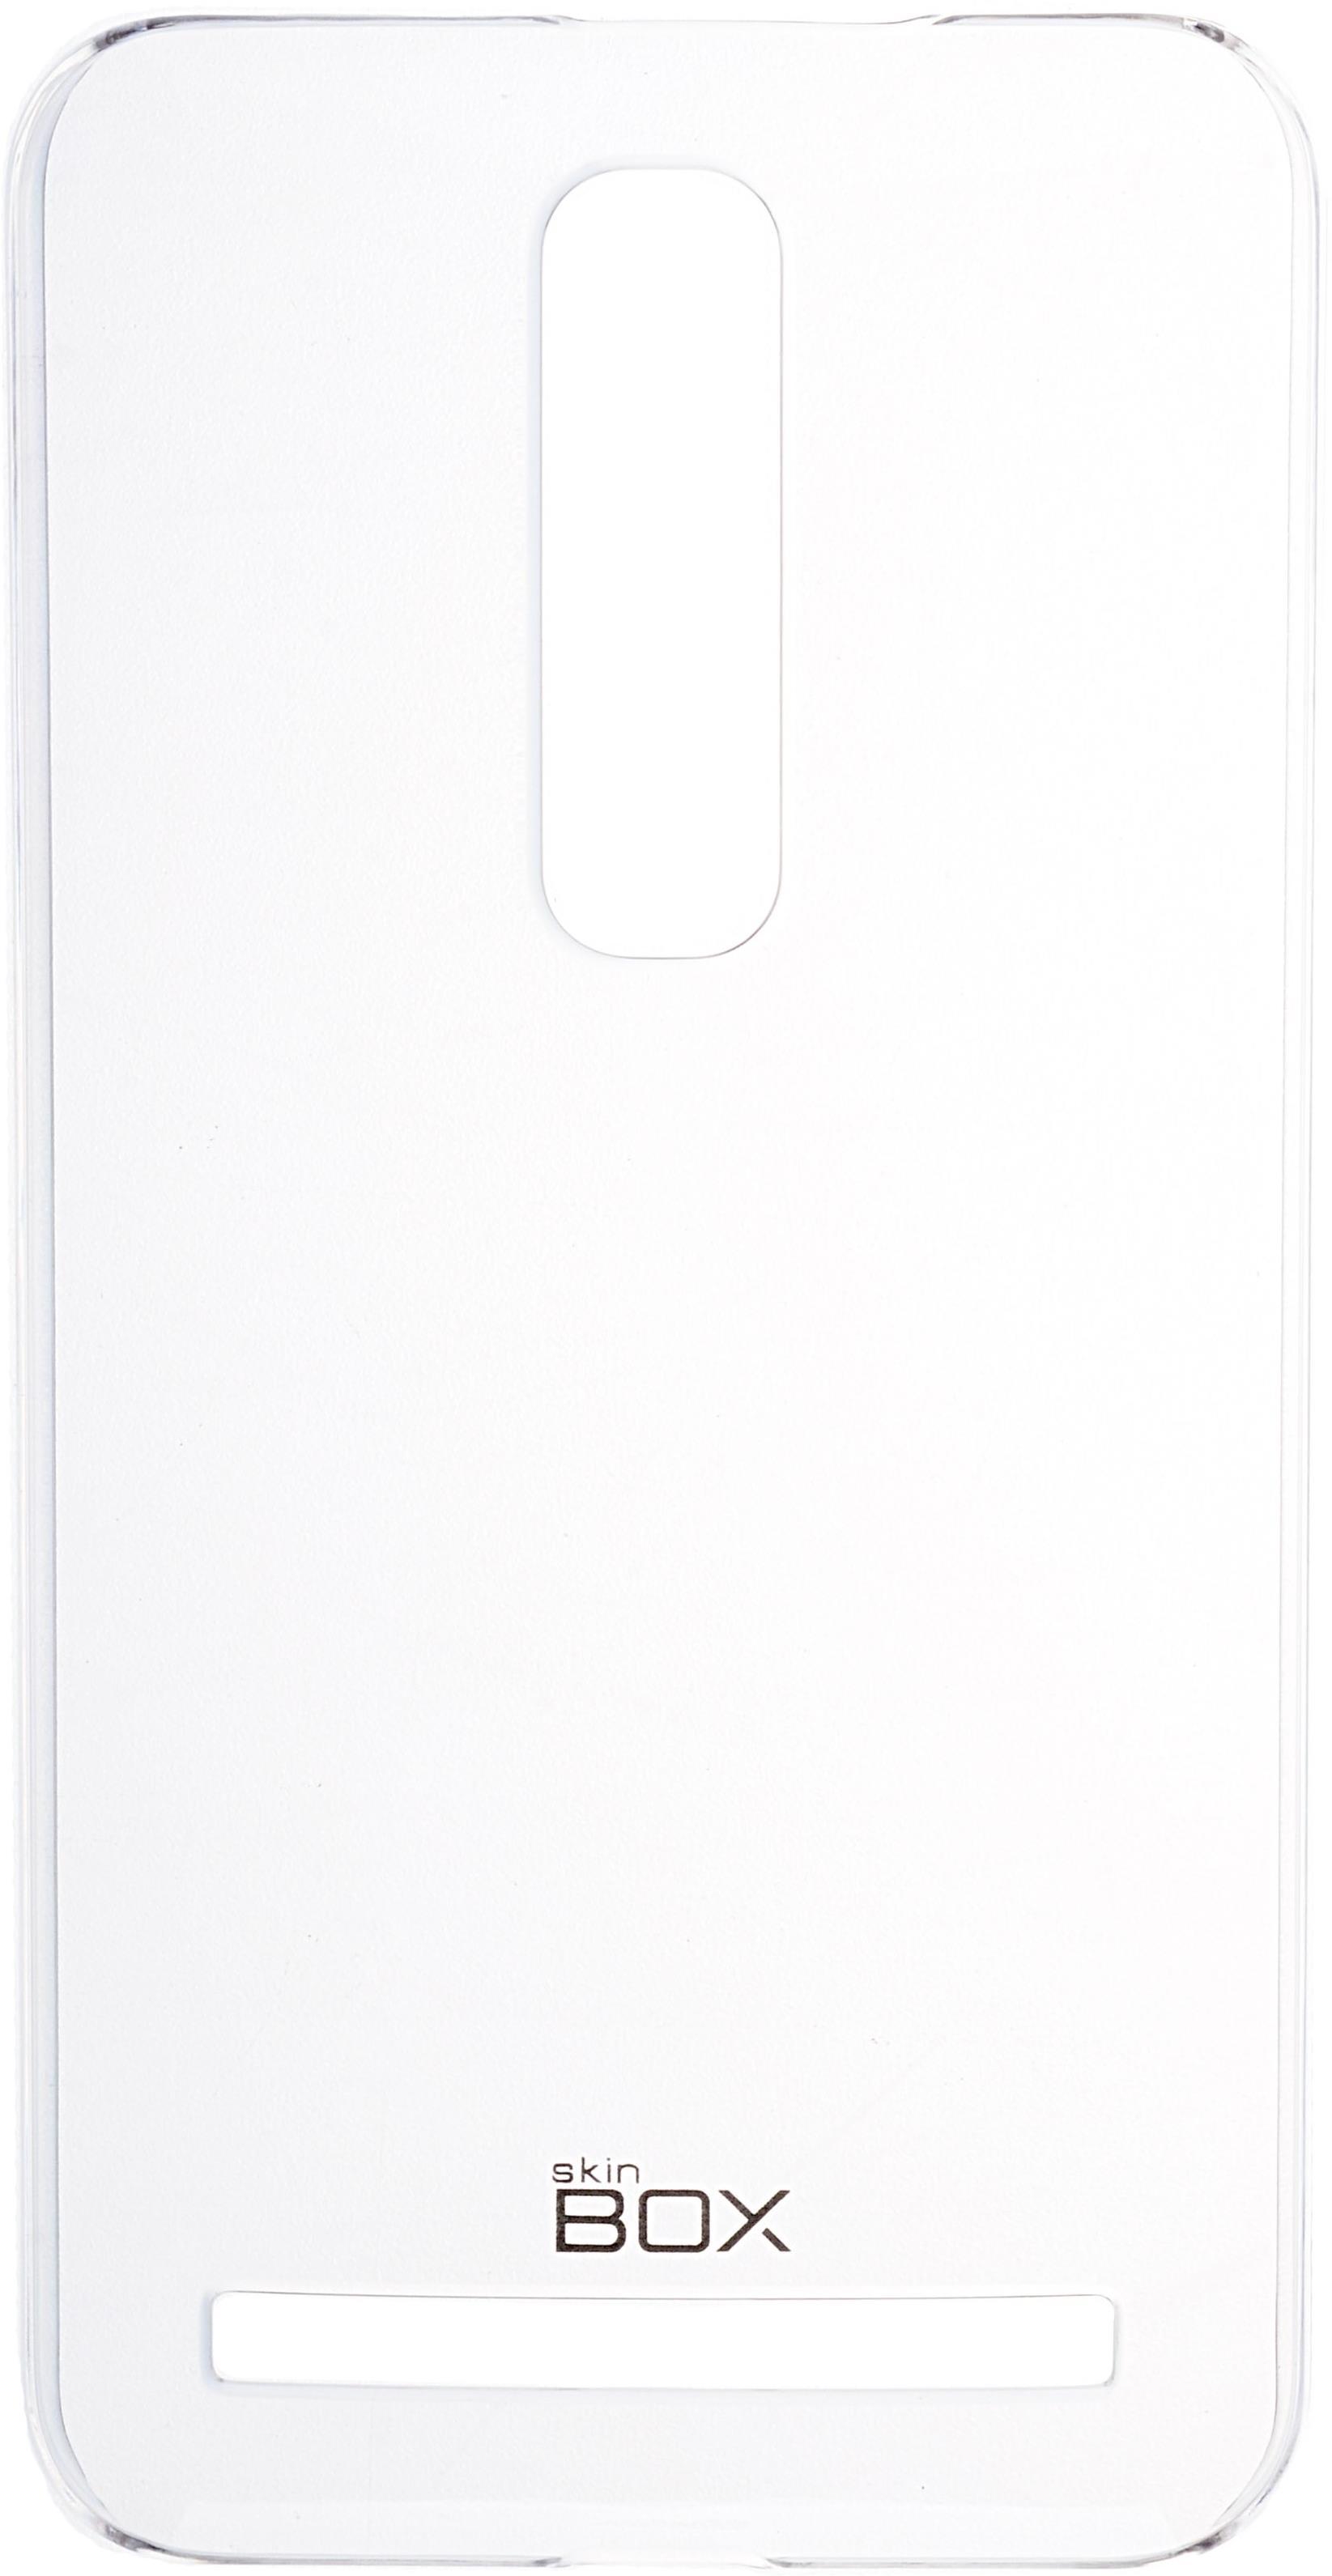 Чехол для сотового телефона skinBOX Crystal, 4630042524903, прозрачный чехол для сотового телефона skinbox crystal 4630042528109 прозрачный